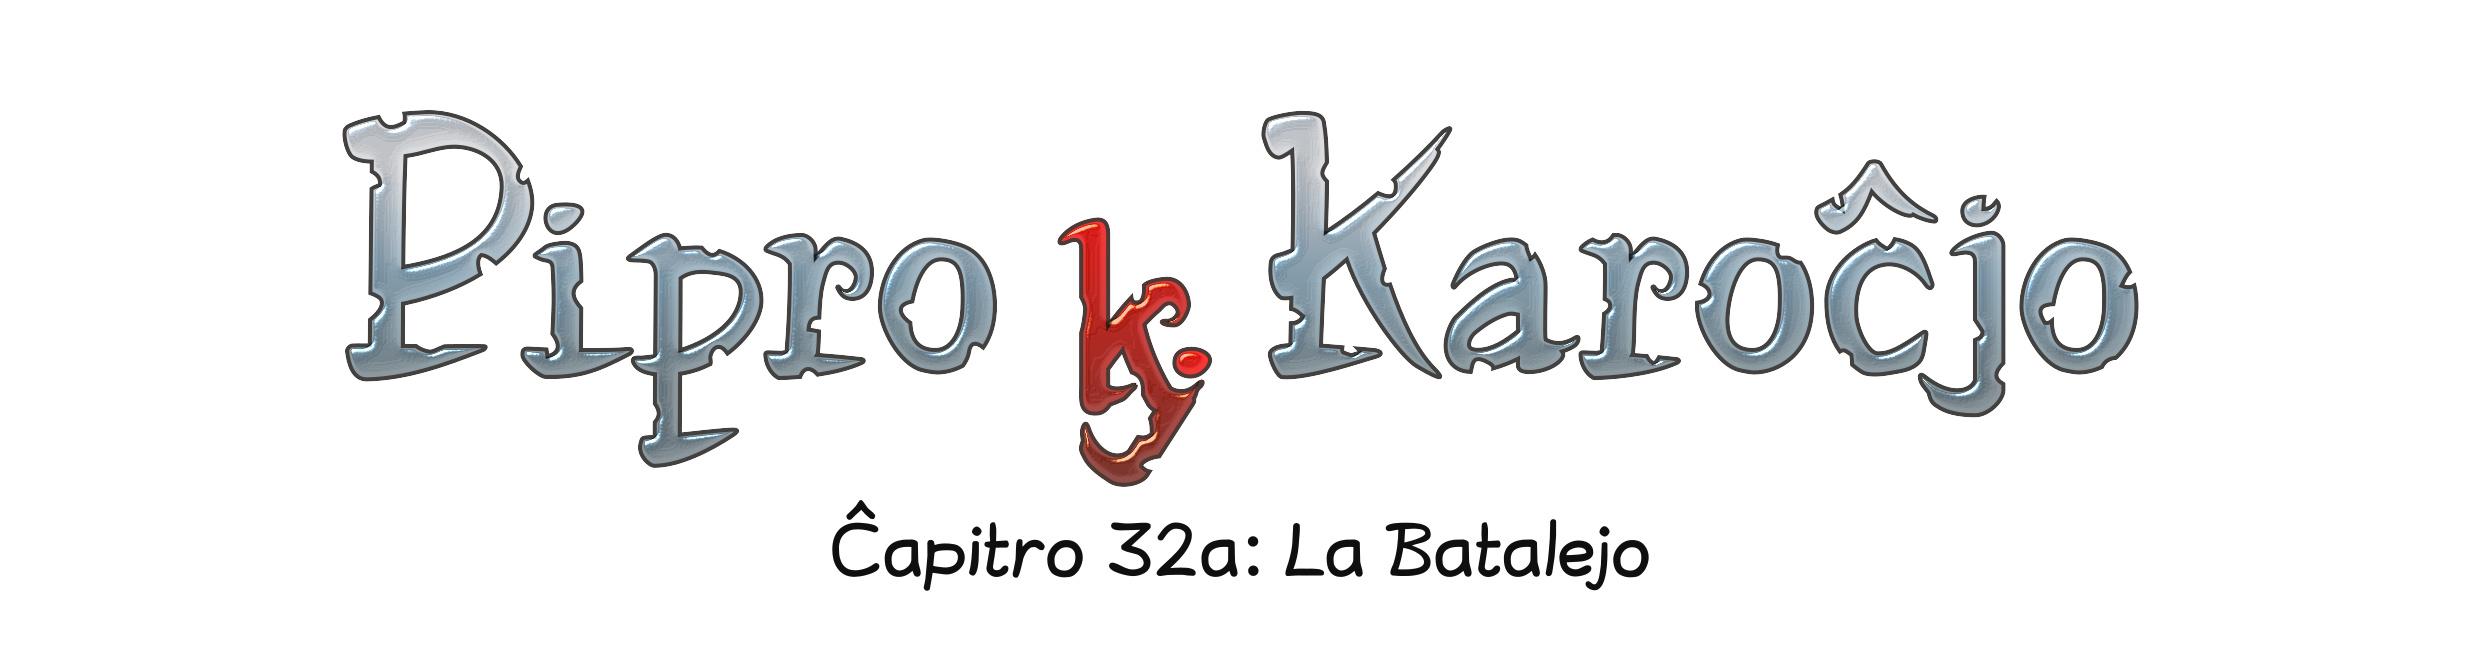 Ĉapitro 32a: La Batalejo